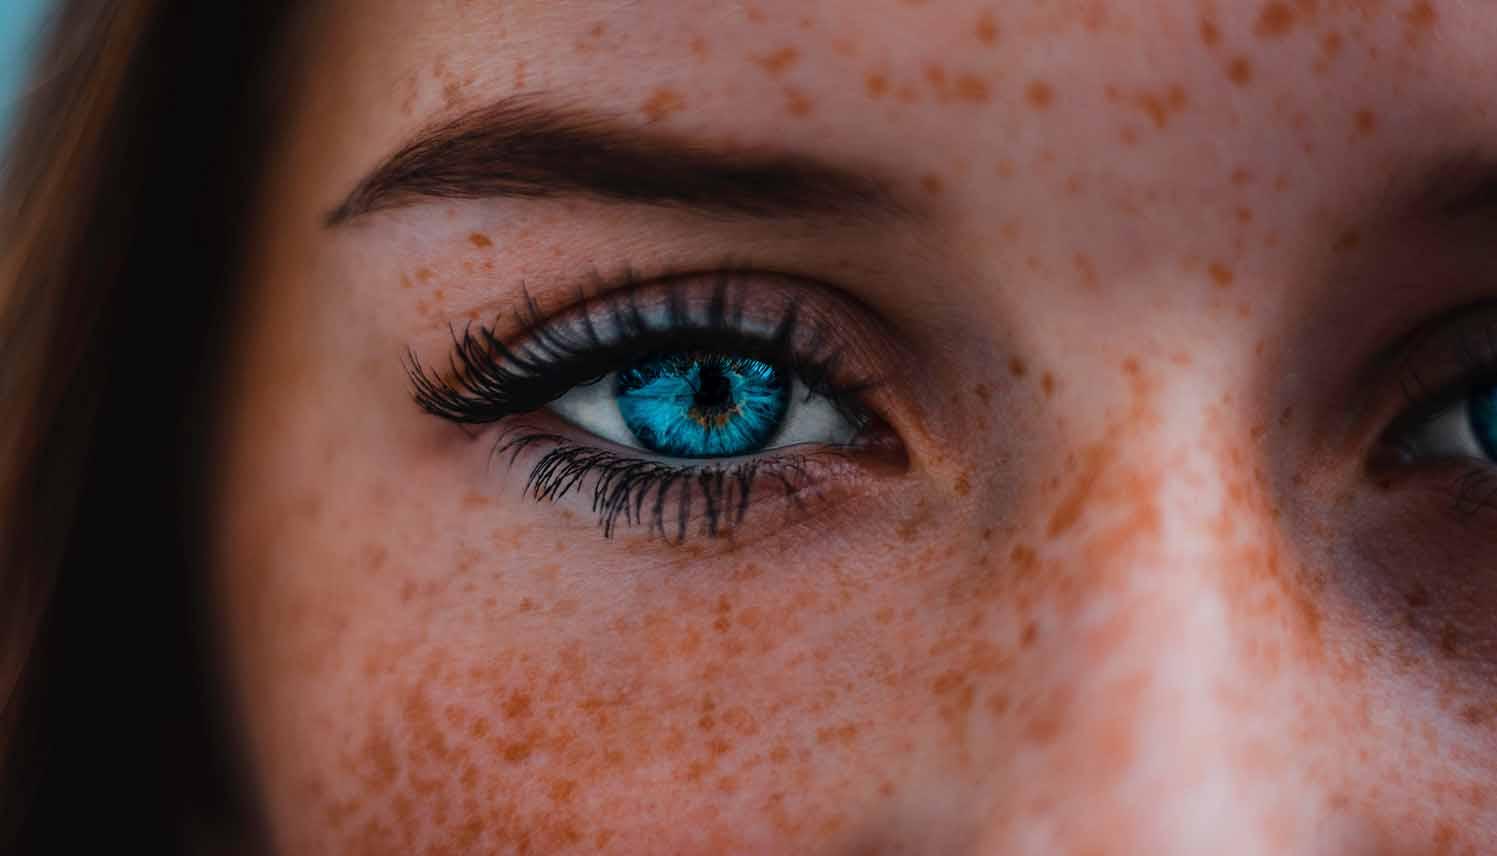 Tips to Make Eyelash Extensions Last Longer - FashionWindows